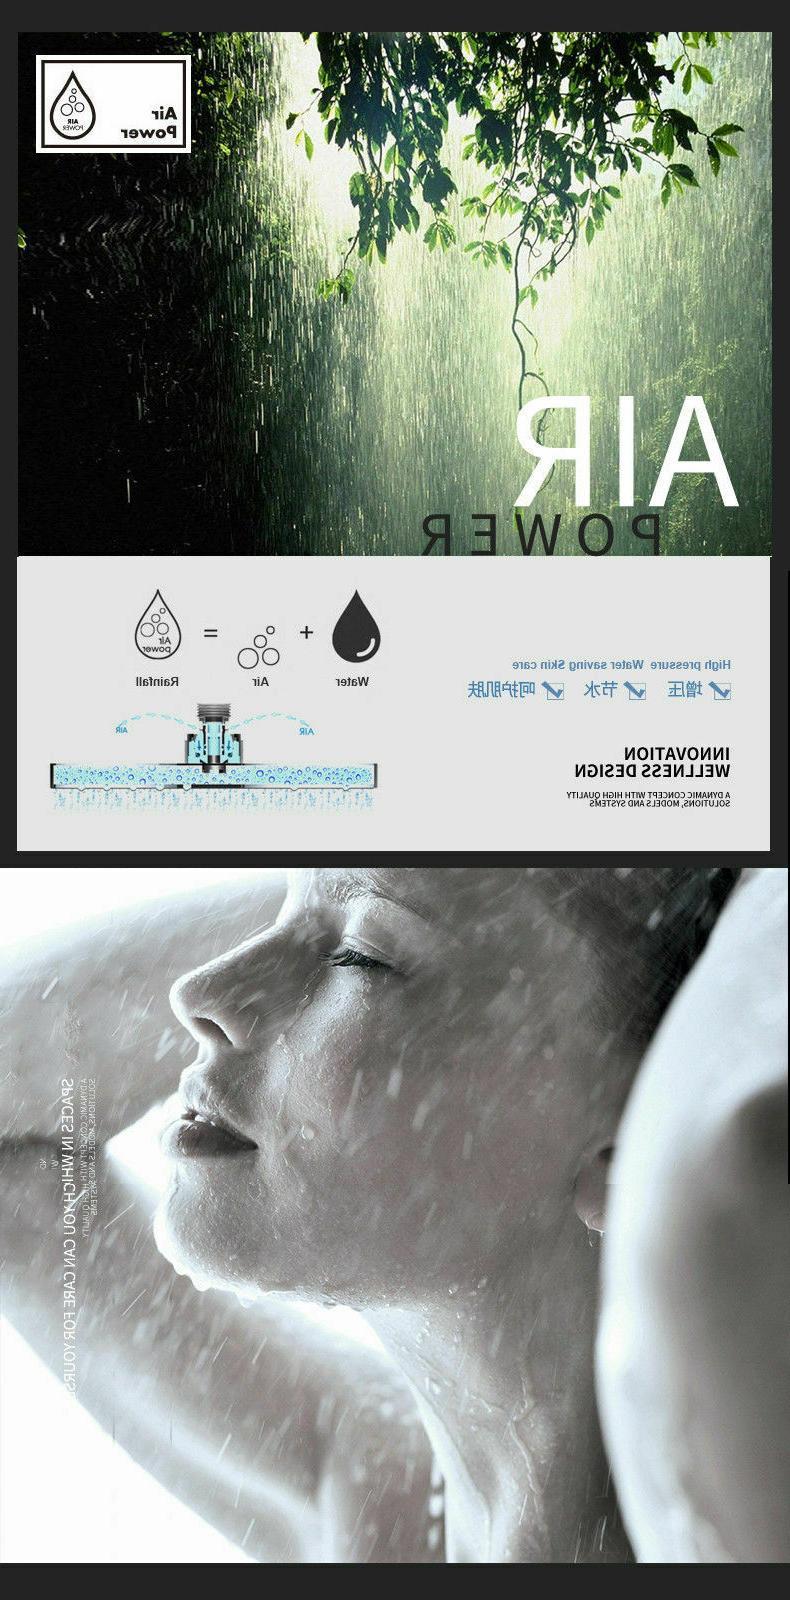 Shower Chrome Rain Ultrathin